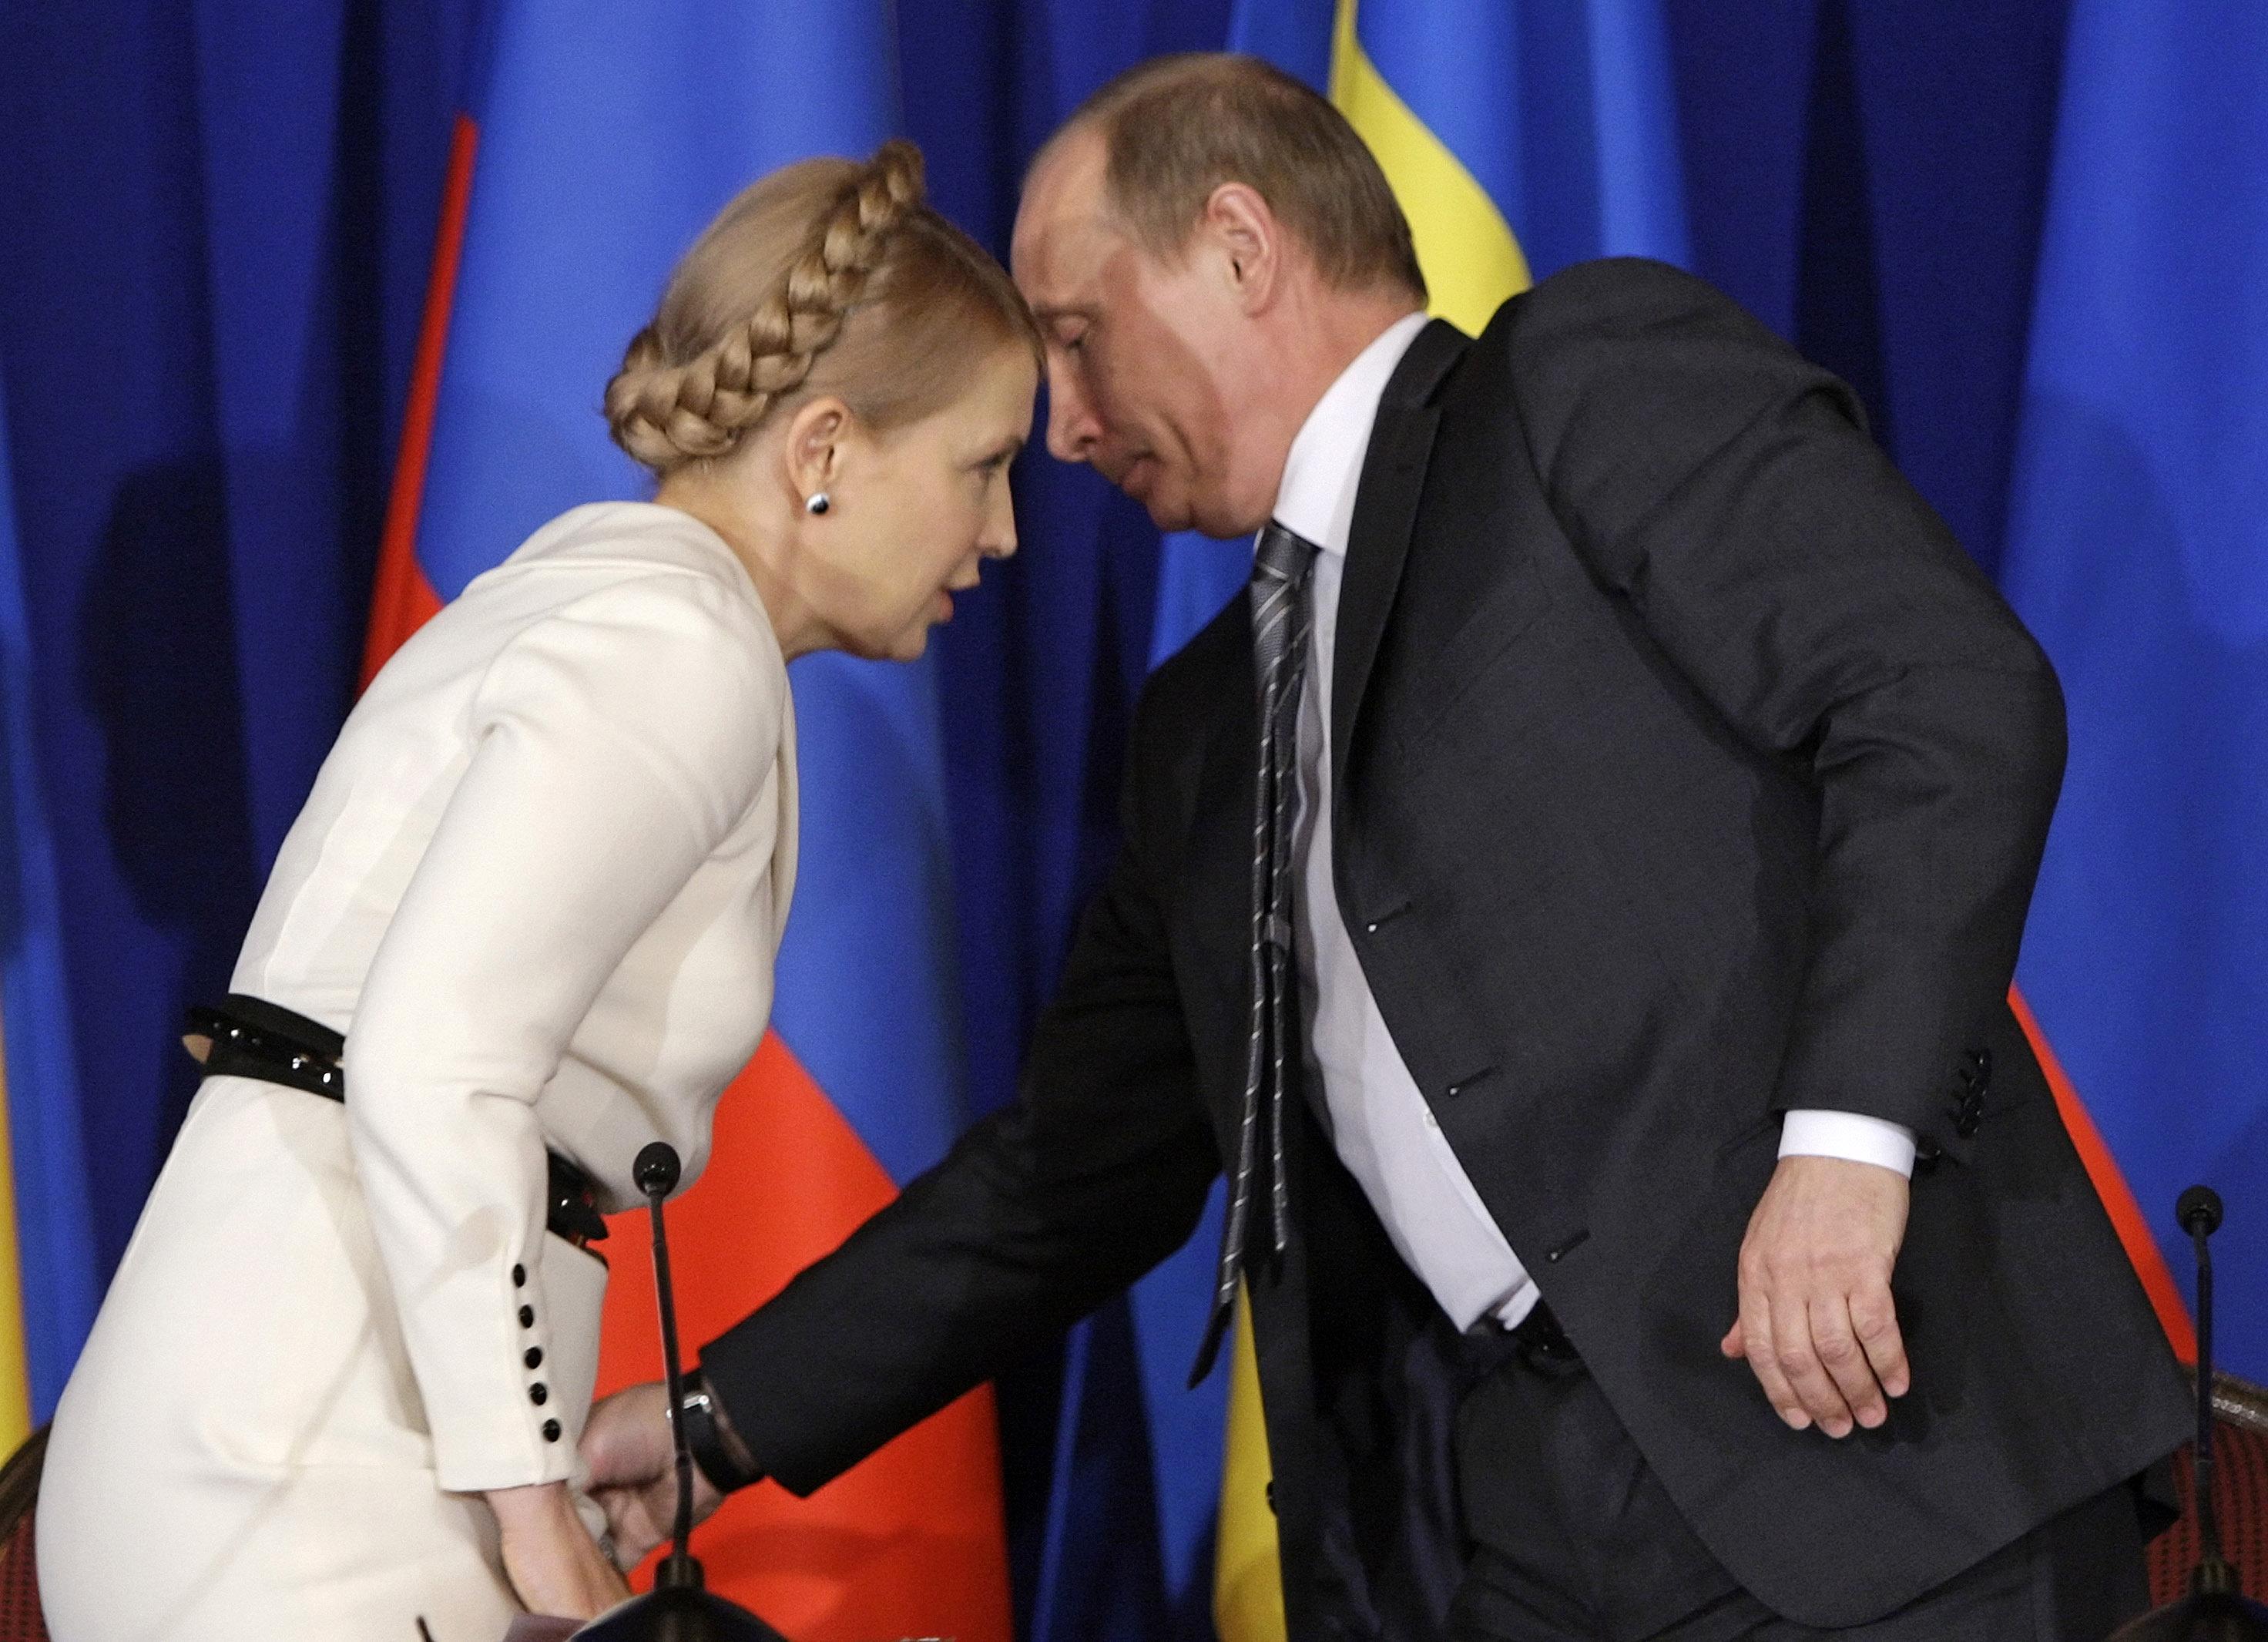 2009年4月プーチン首相(当時)はユリヤ・ティモシェンコ首相(当時)とひんぱんに交流していた。